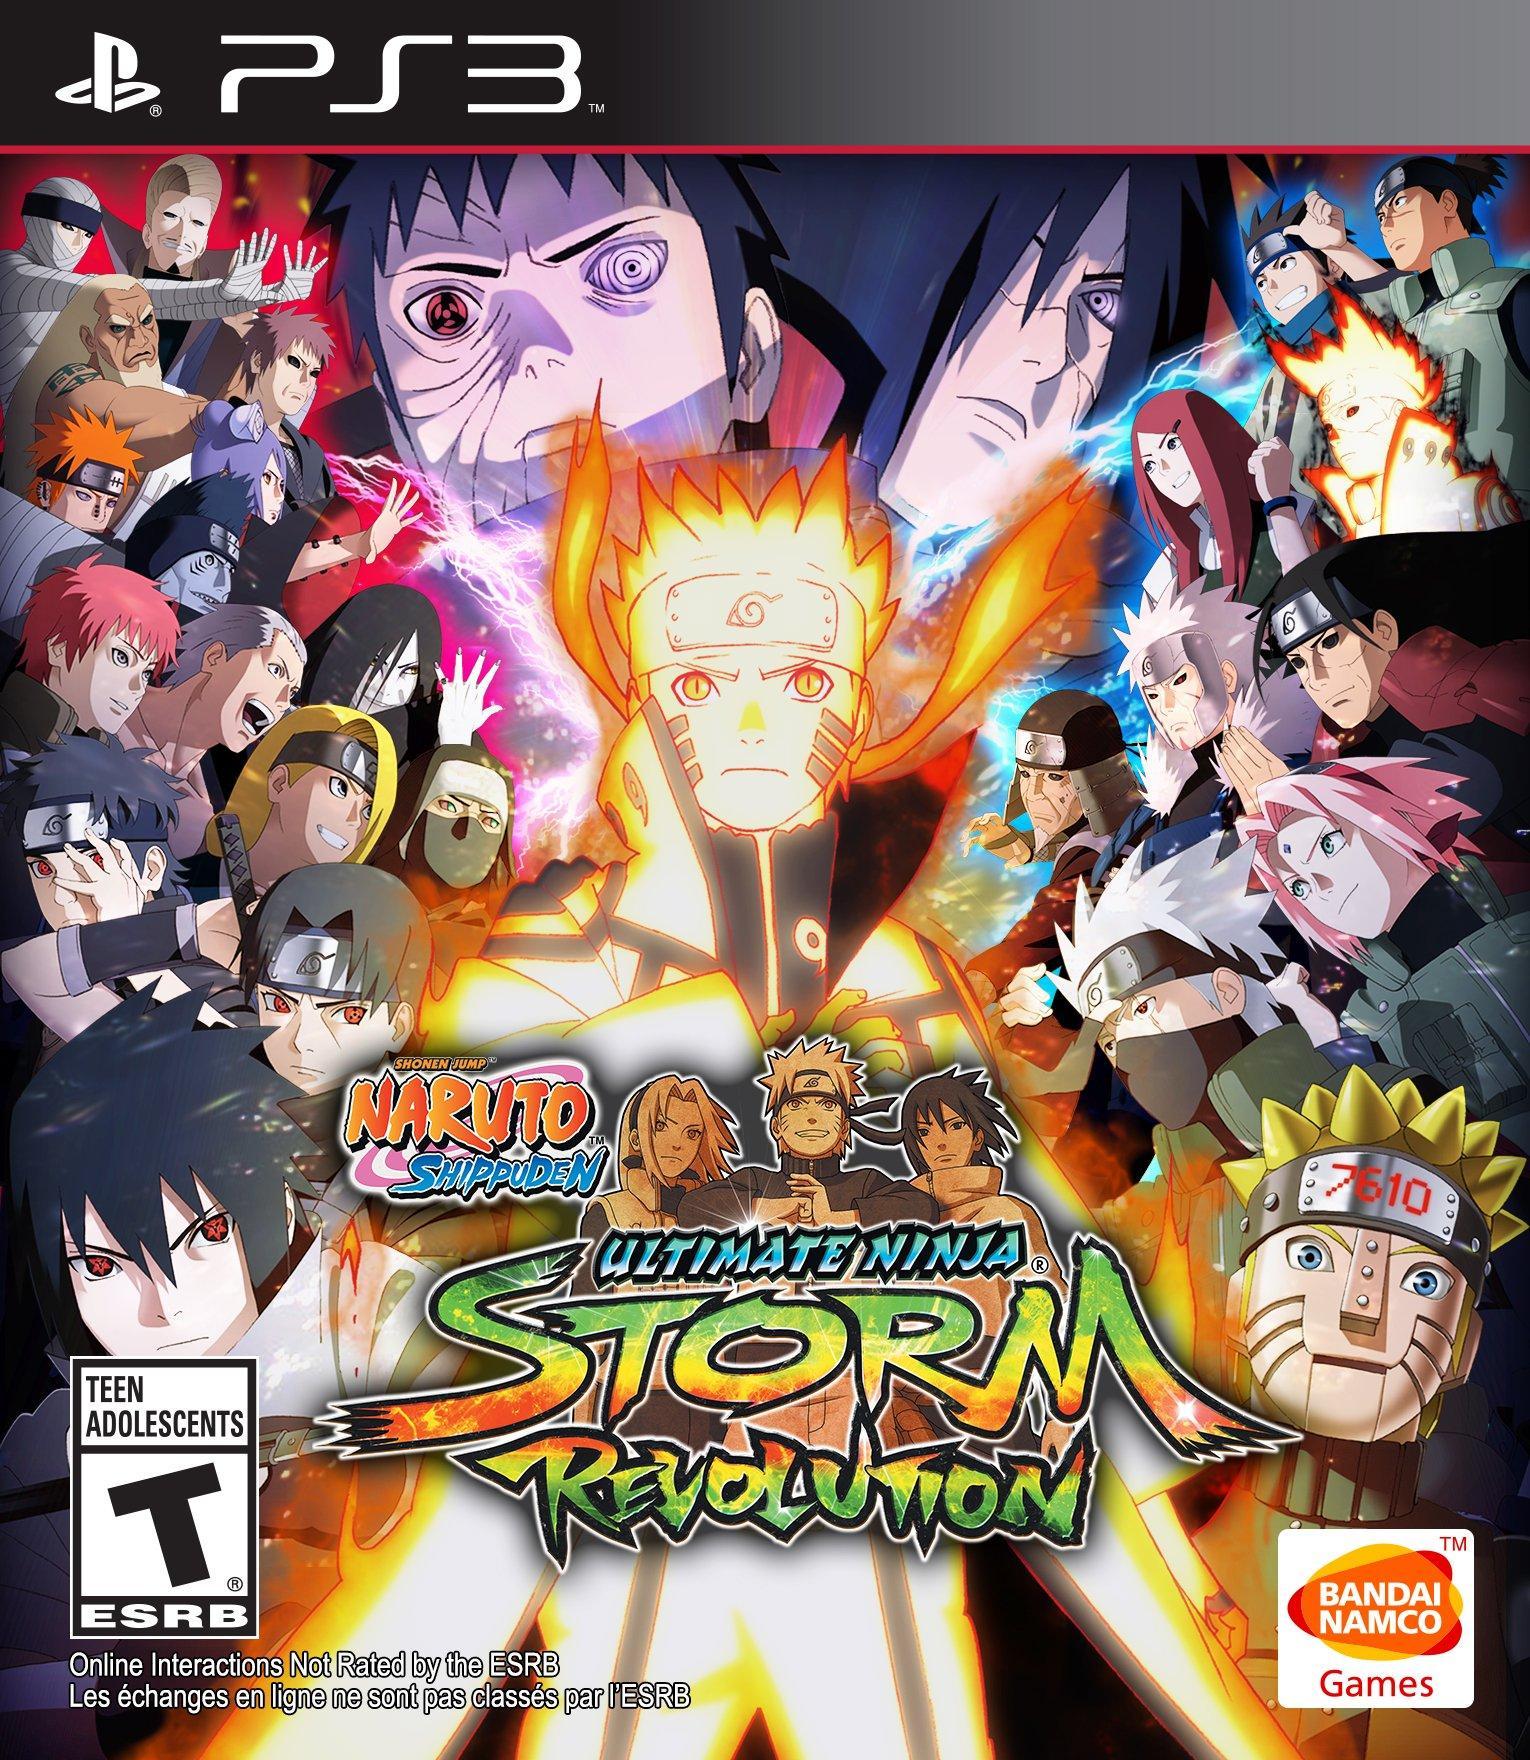 Naruto Shippuden: Ultimate Ninja Storm Revolution | PlayStation 3 | GameStop